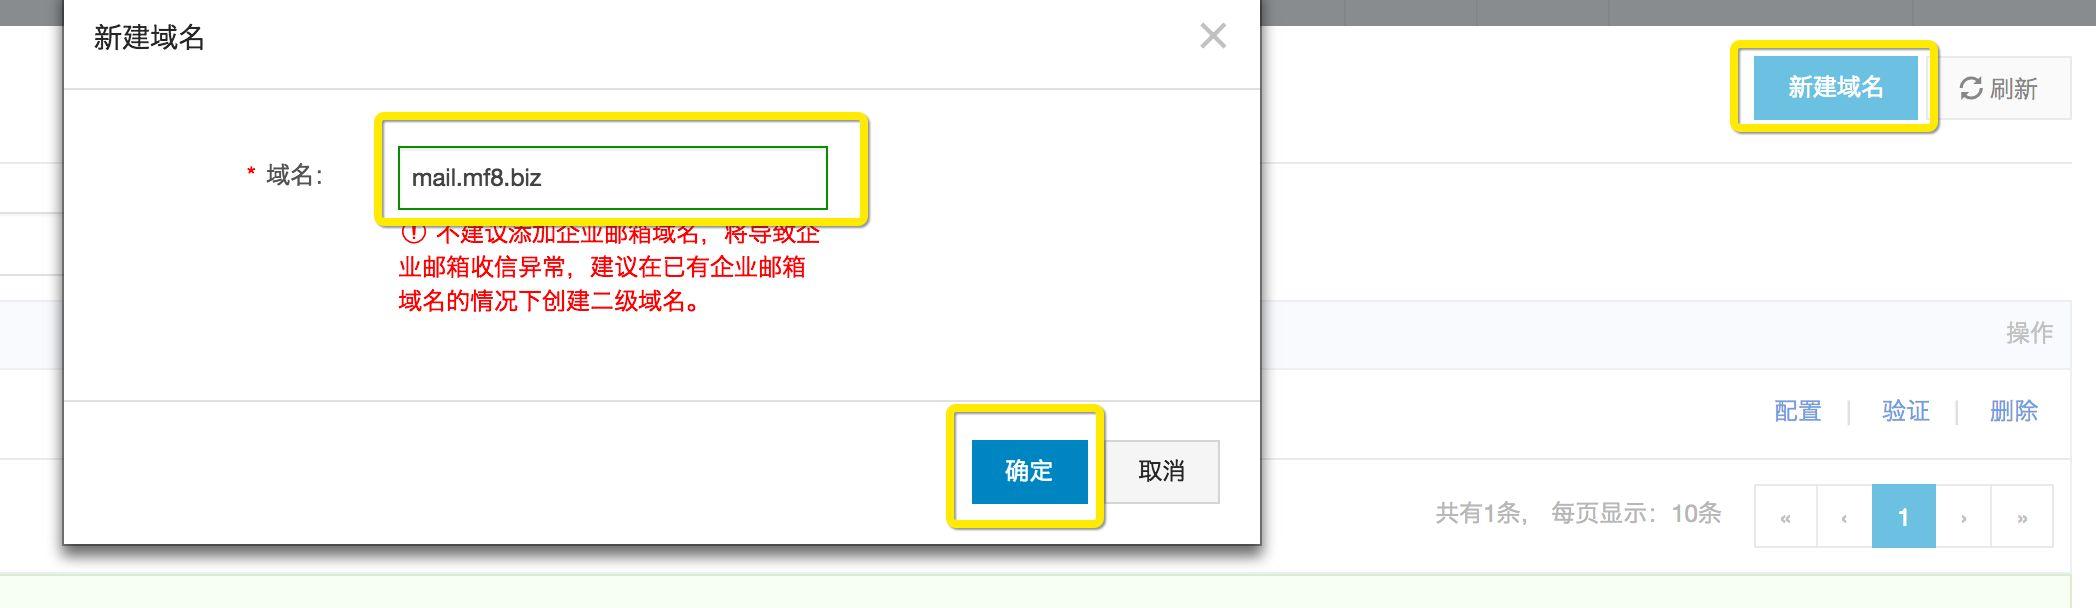 使用 MSMTP 实现服务器兼容第三方 SMTP-米饭粑